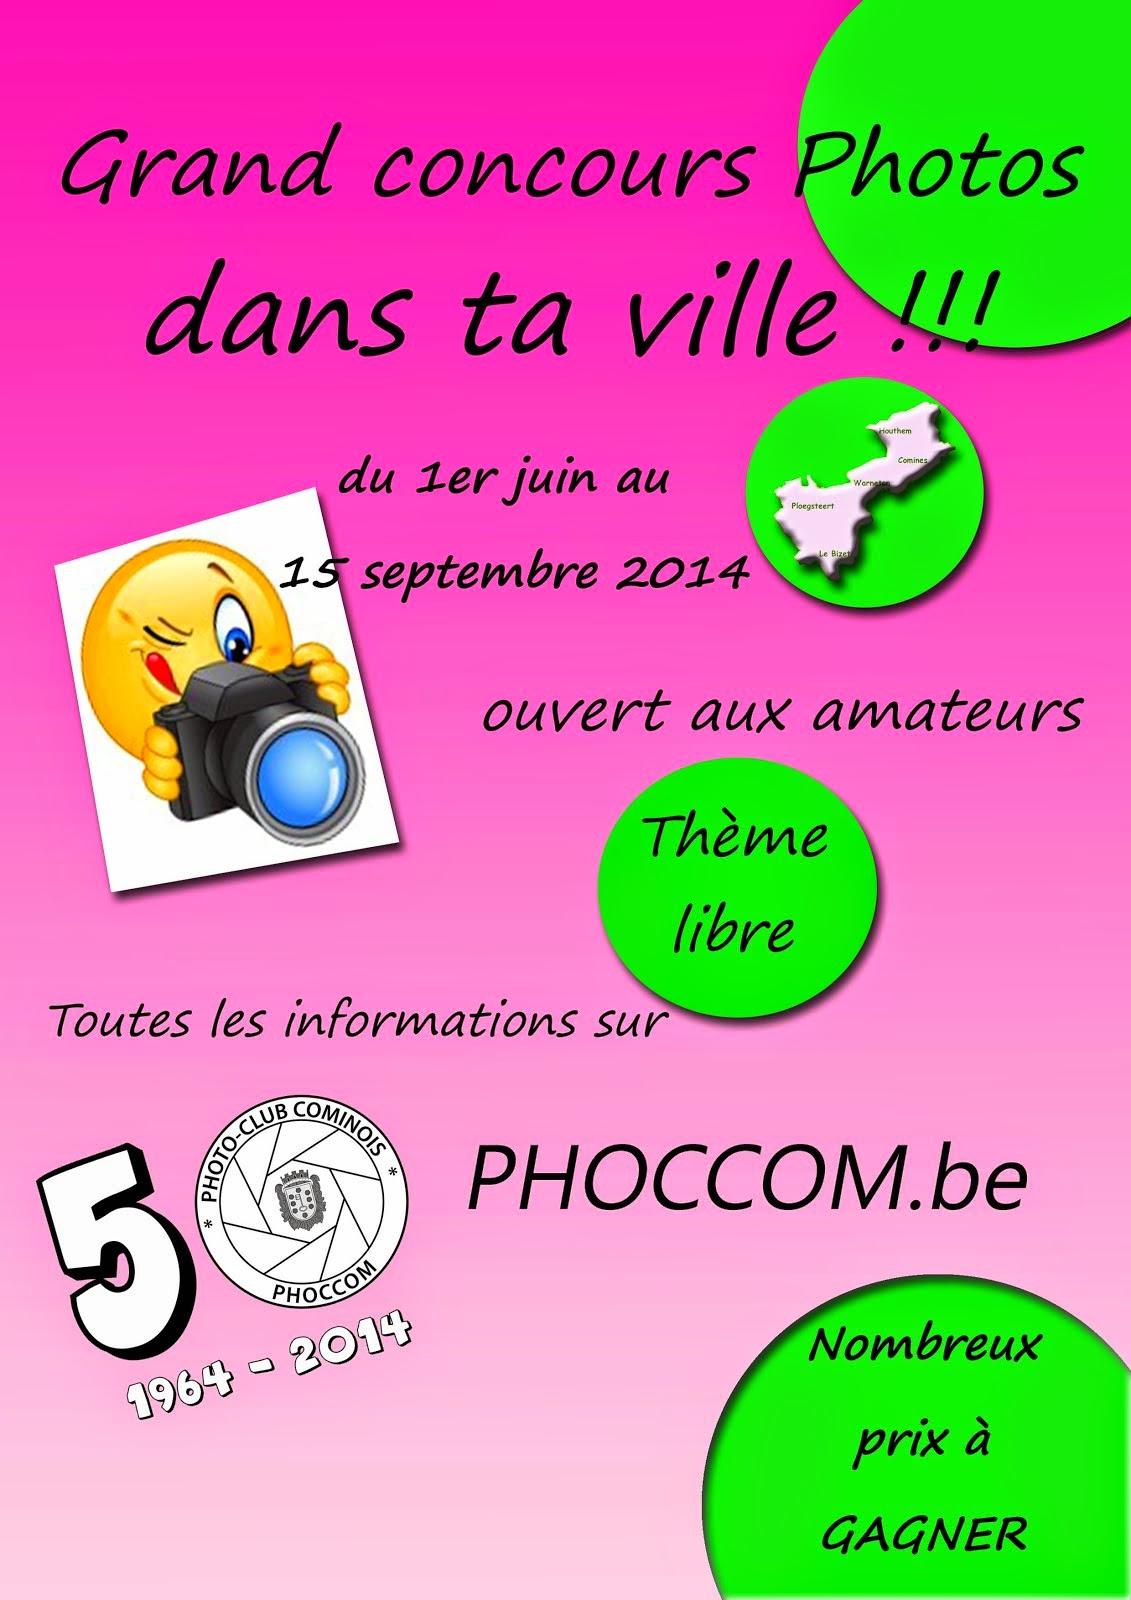 Concours photos du 1 juin au 15 septembre 2014